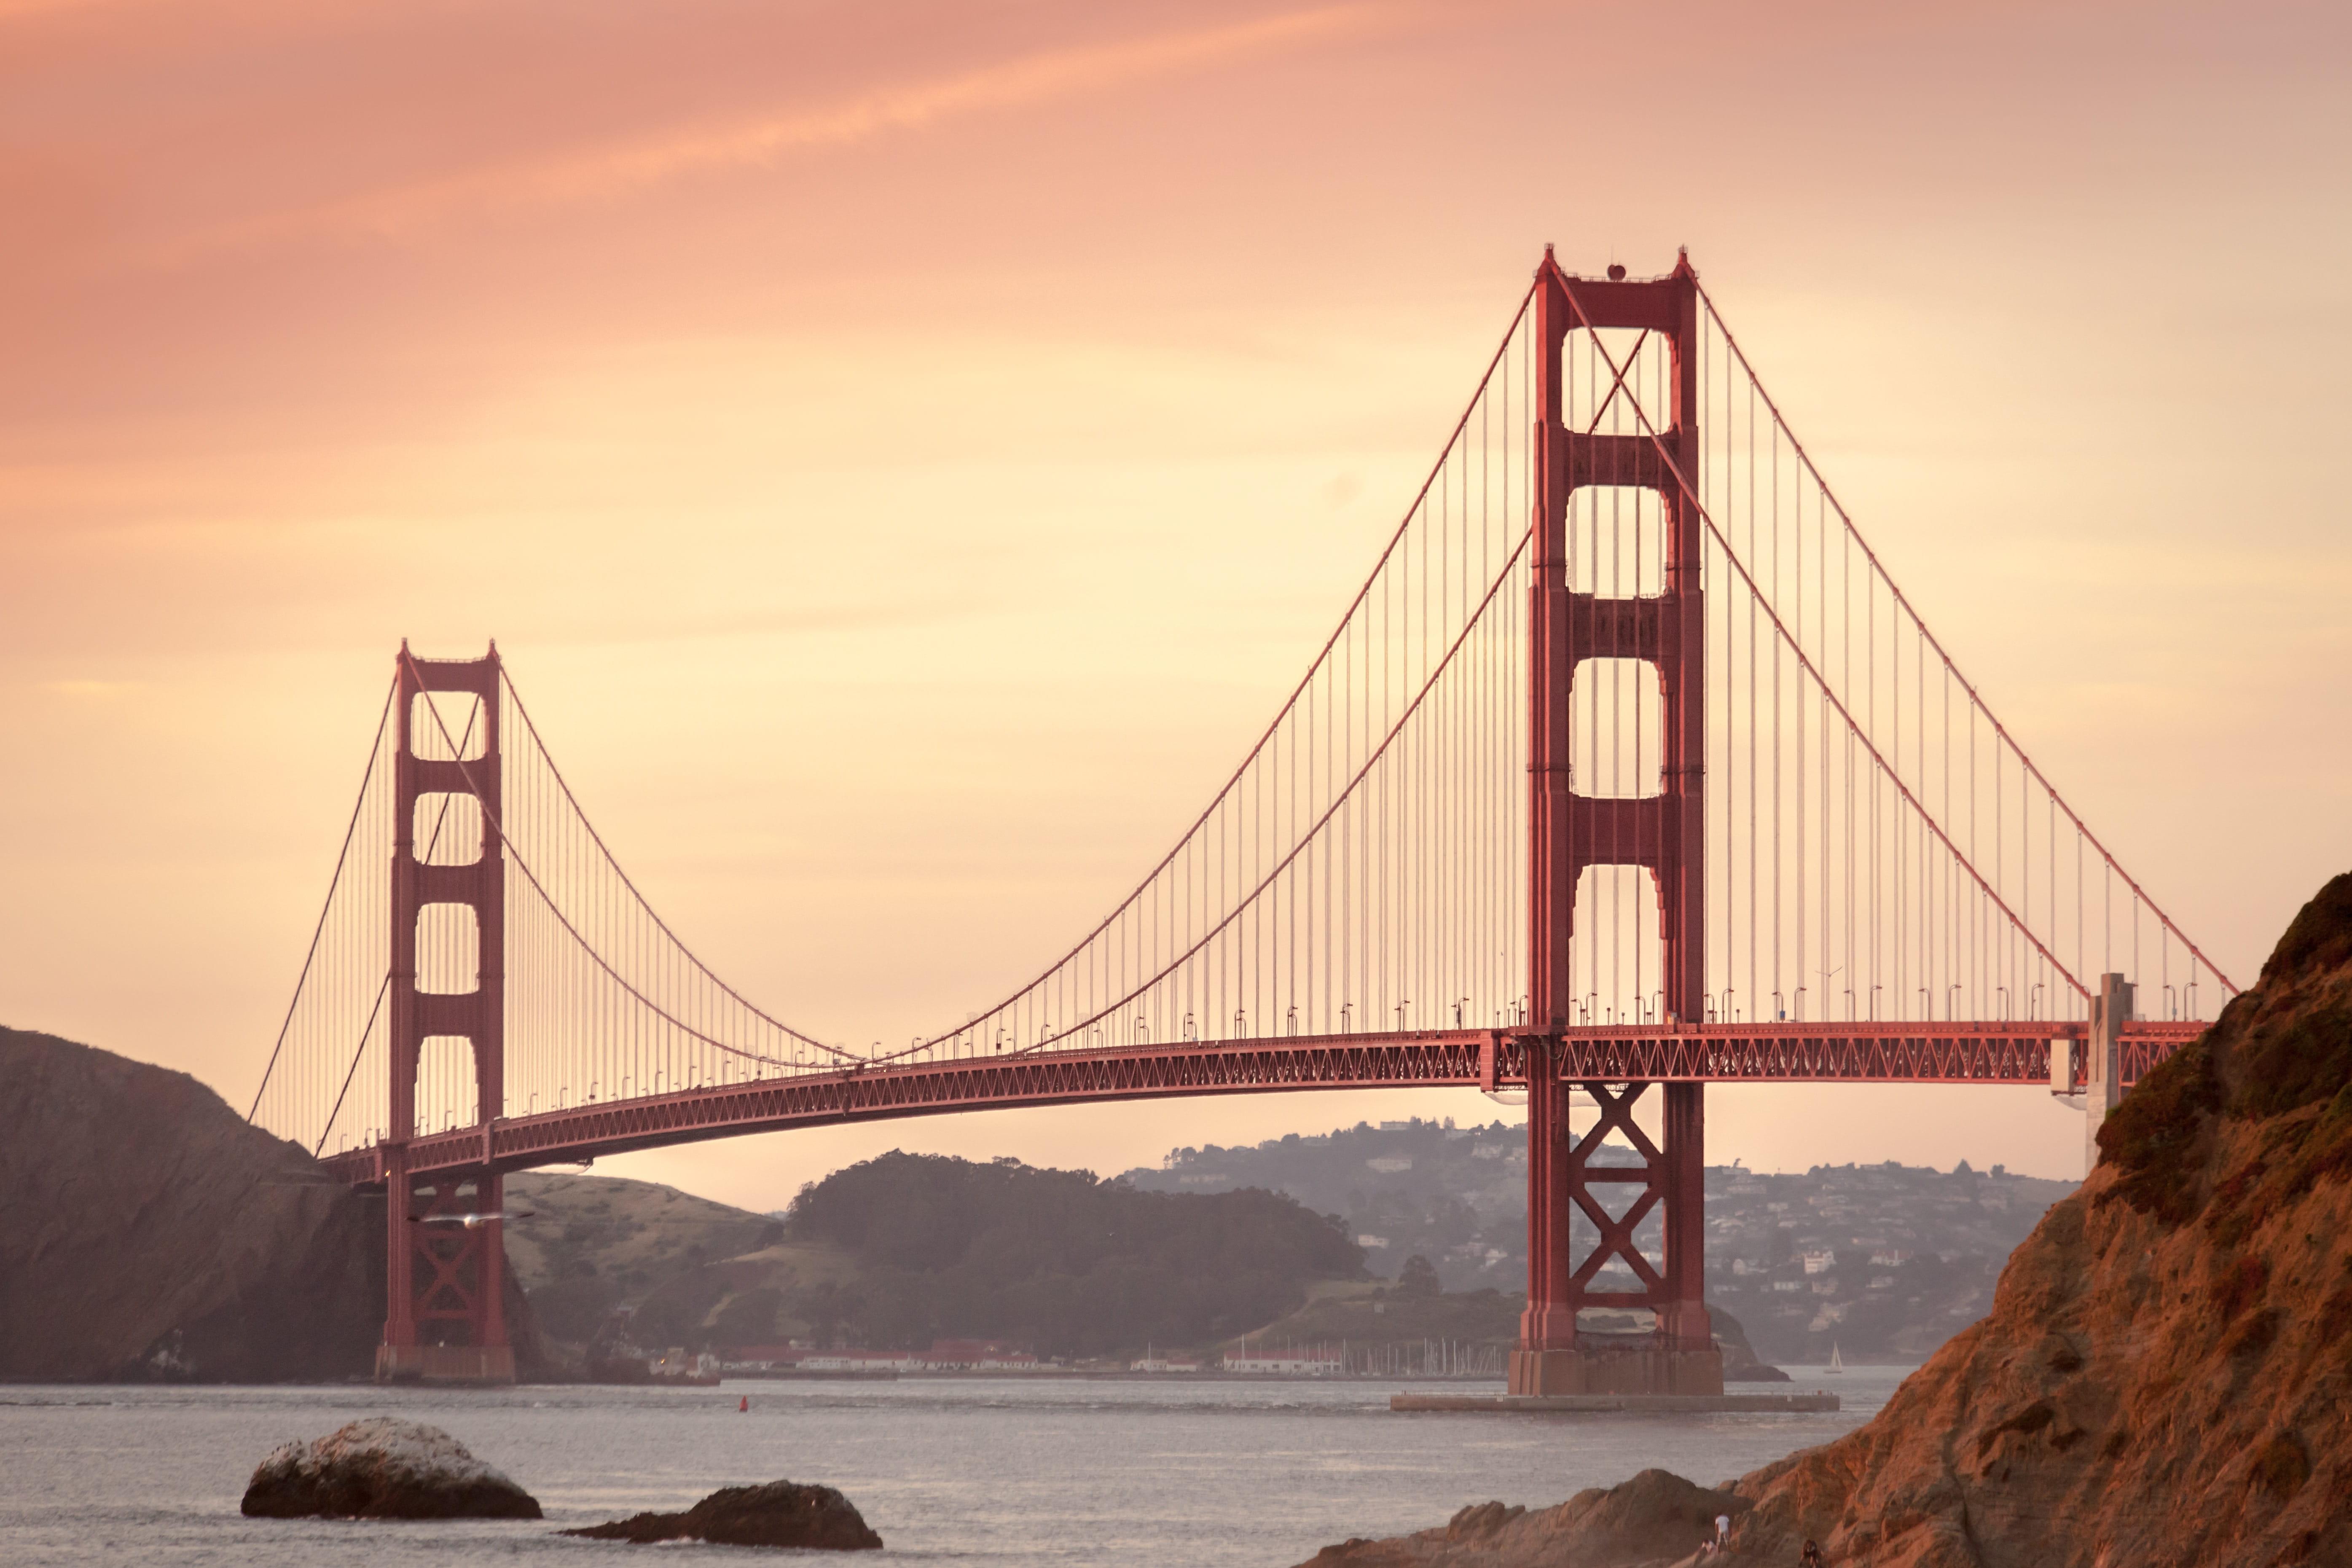 SanFransiscoGolden Gate Bridge